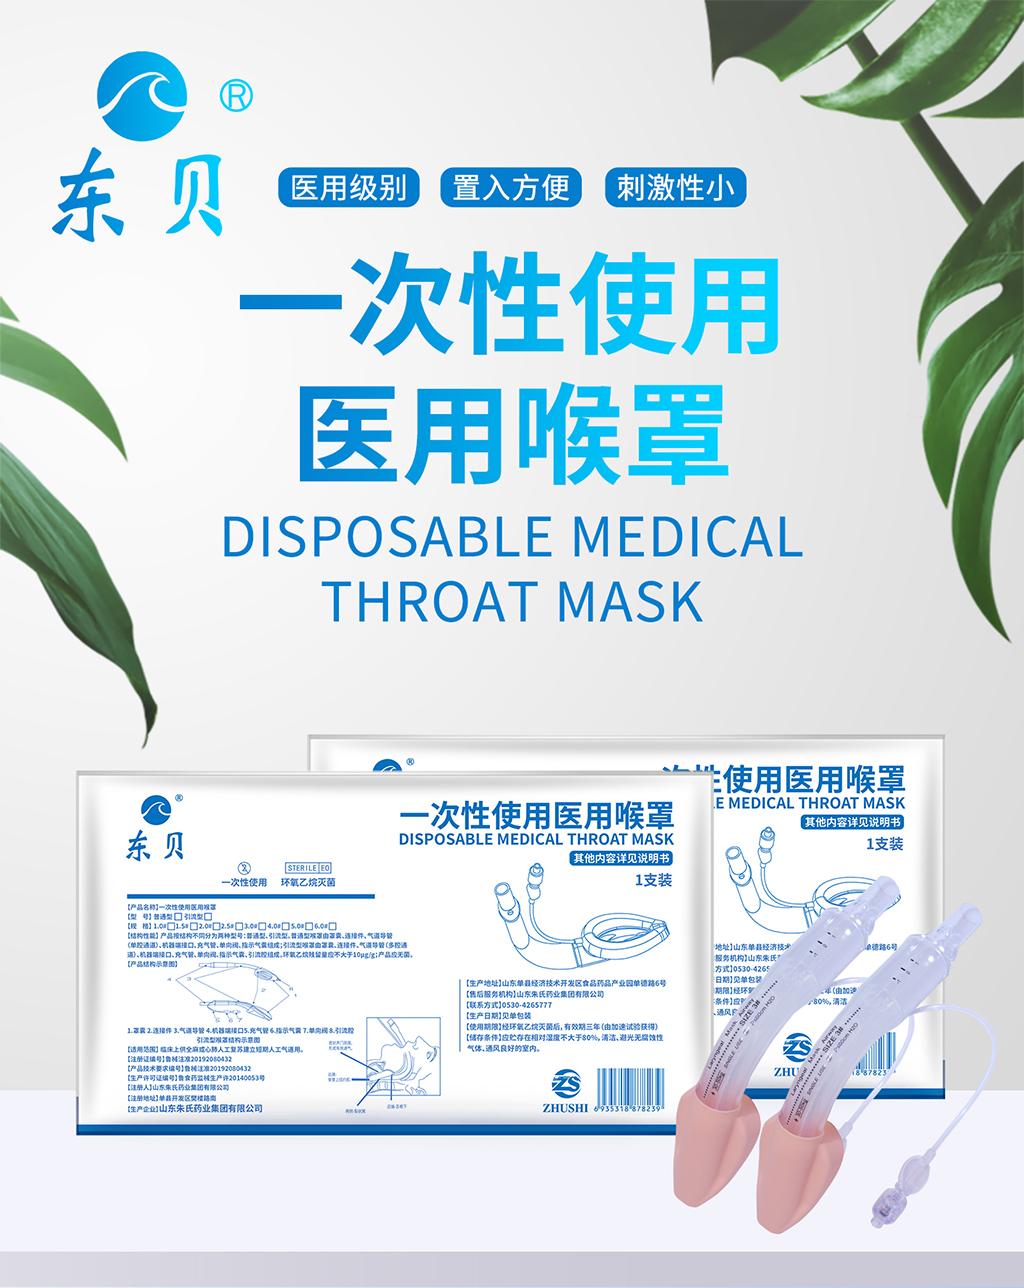 一次性使用医用喉罩